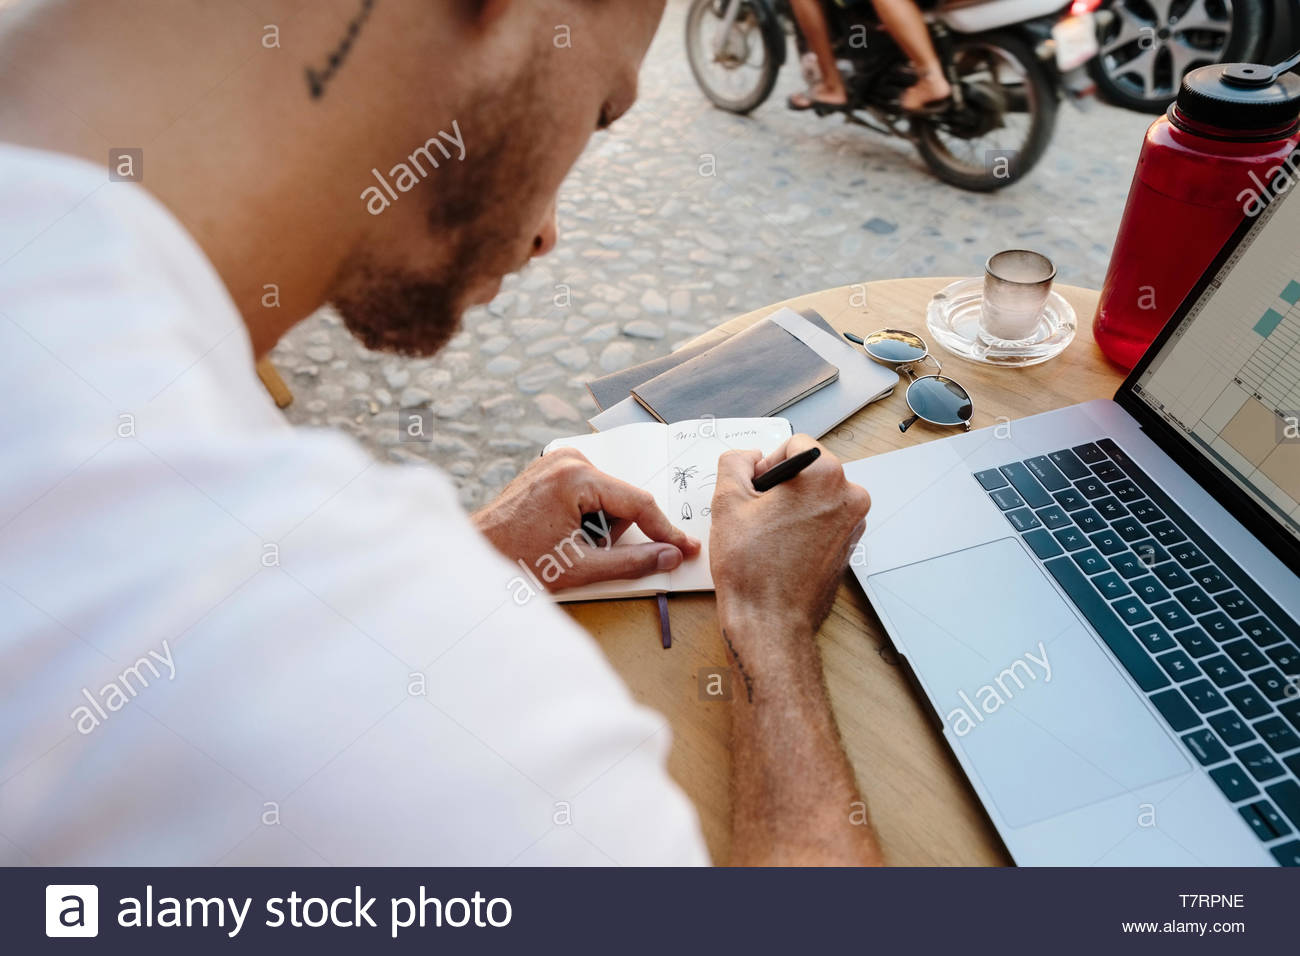 Junge männliche Touristen Sidewalk Cafe arbeiten, schreiben im Notebook Stockfoto